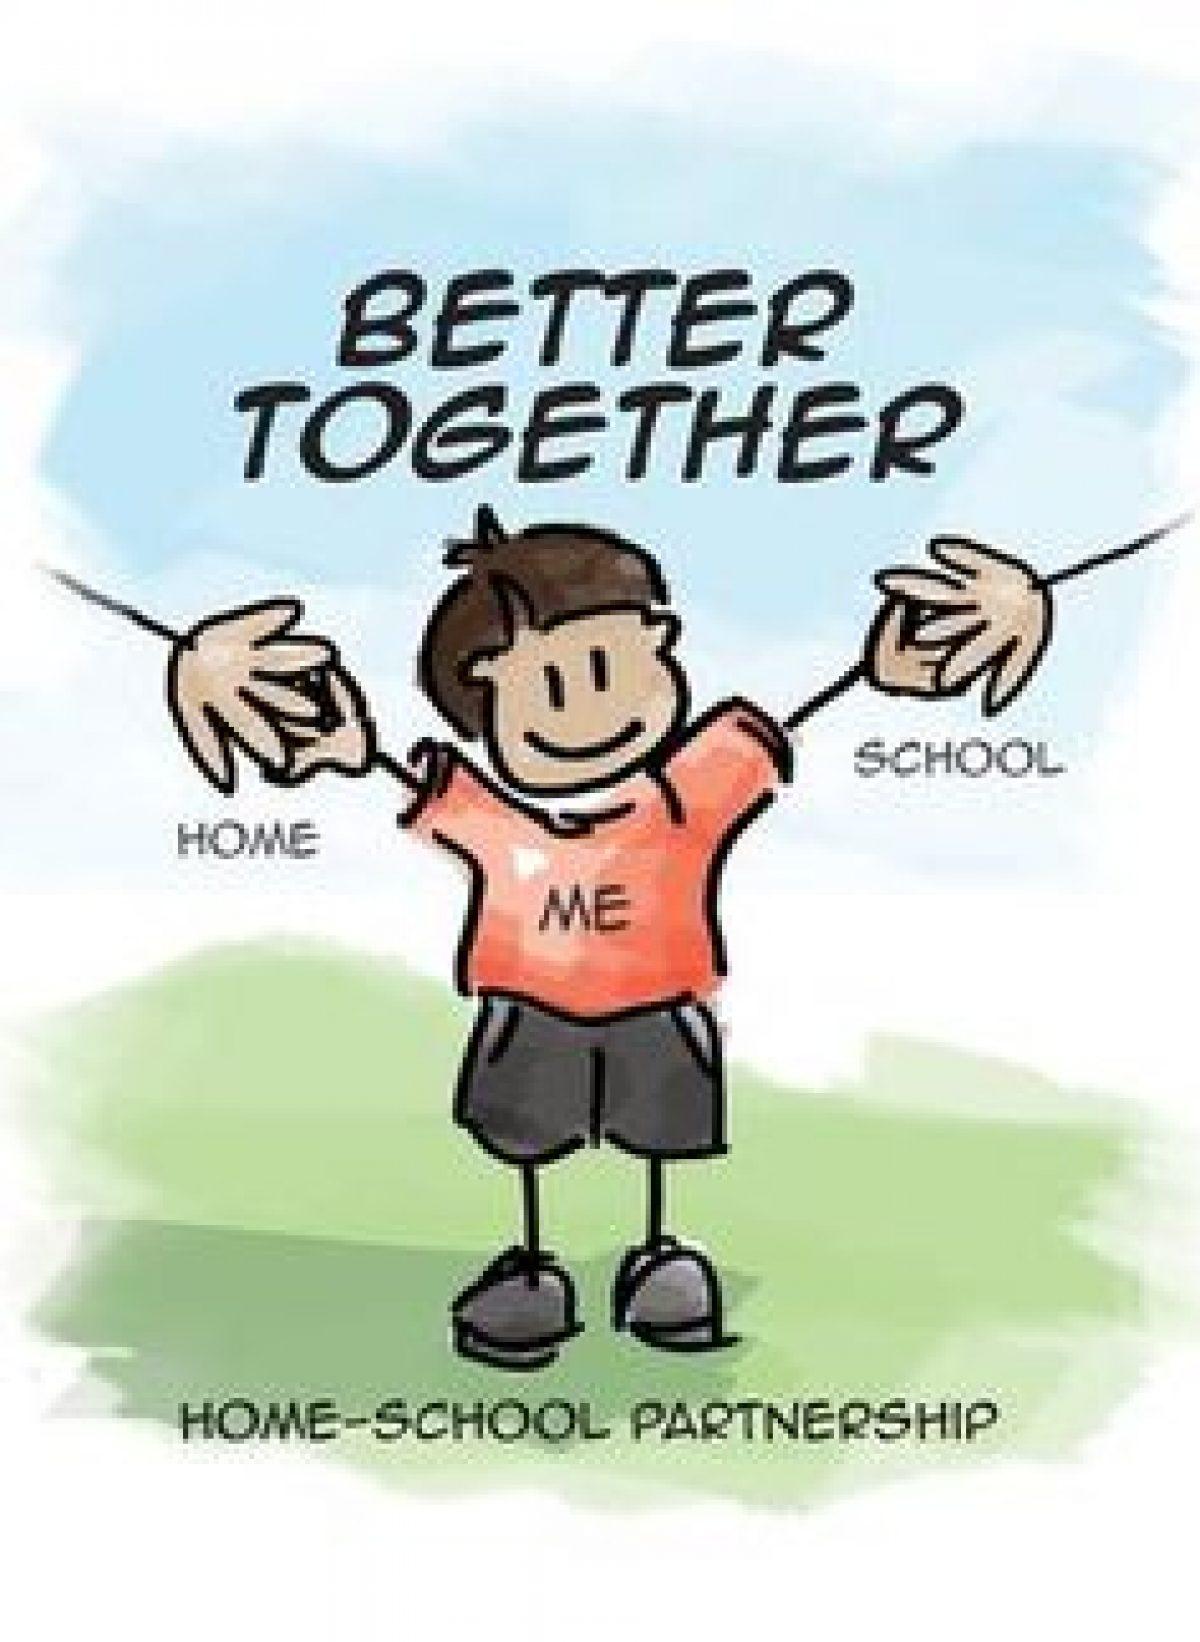 Συμβουλές για καλύτερη συνεργασία και επικοινωνία των γονέων με το σχολείο  - Eimaimama.gr